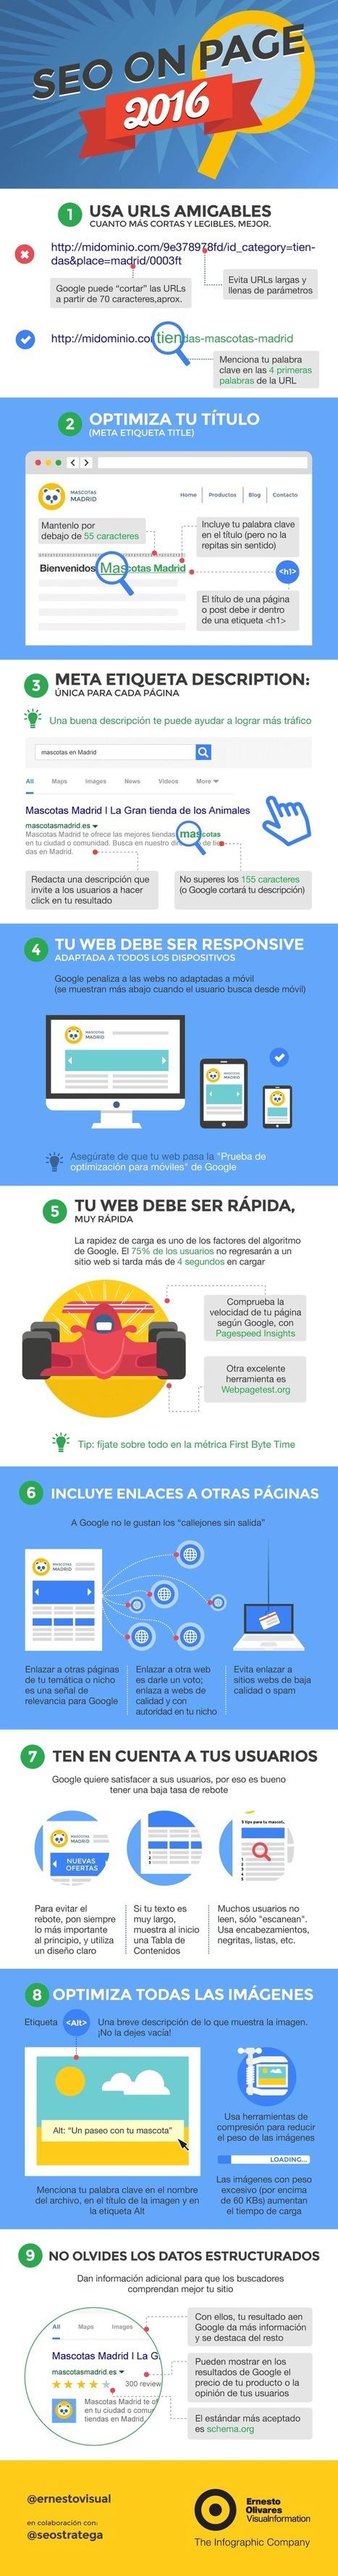 Qué es el SEO On Page #infografia #infographic #seo   Redes sociales y Social Media   Scoop.it